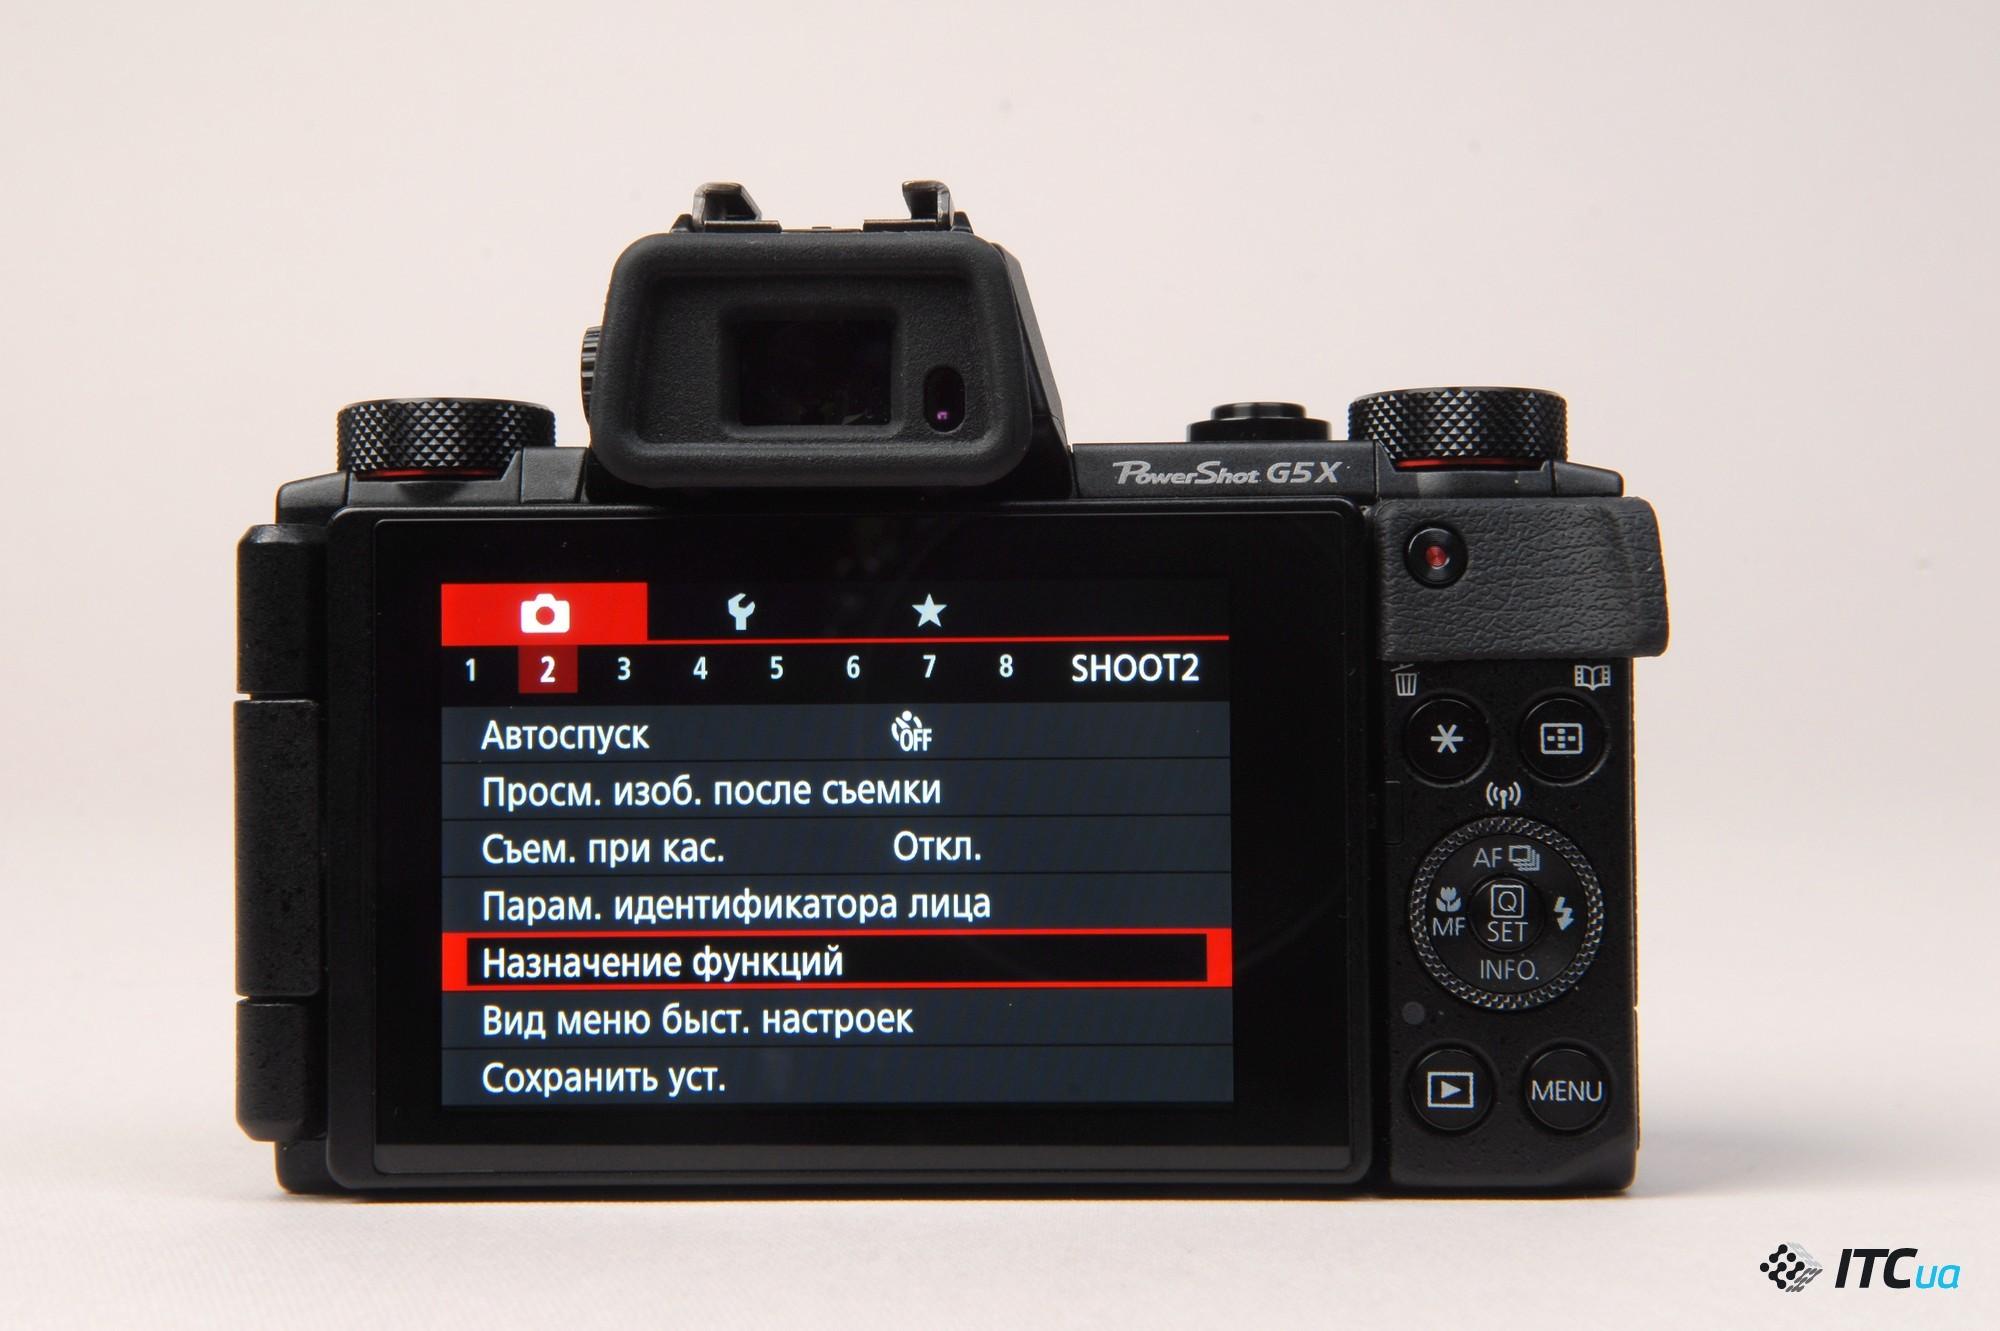 Ремонт фотоаппаратов адлер отзывы